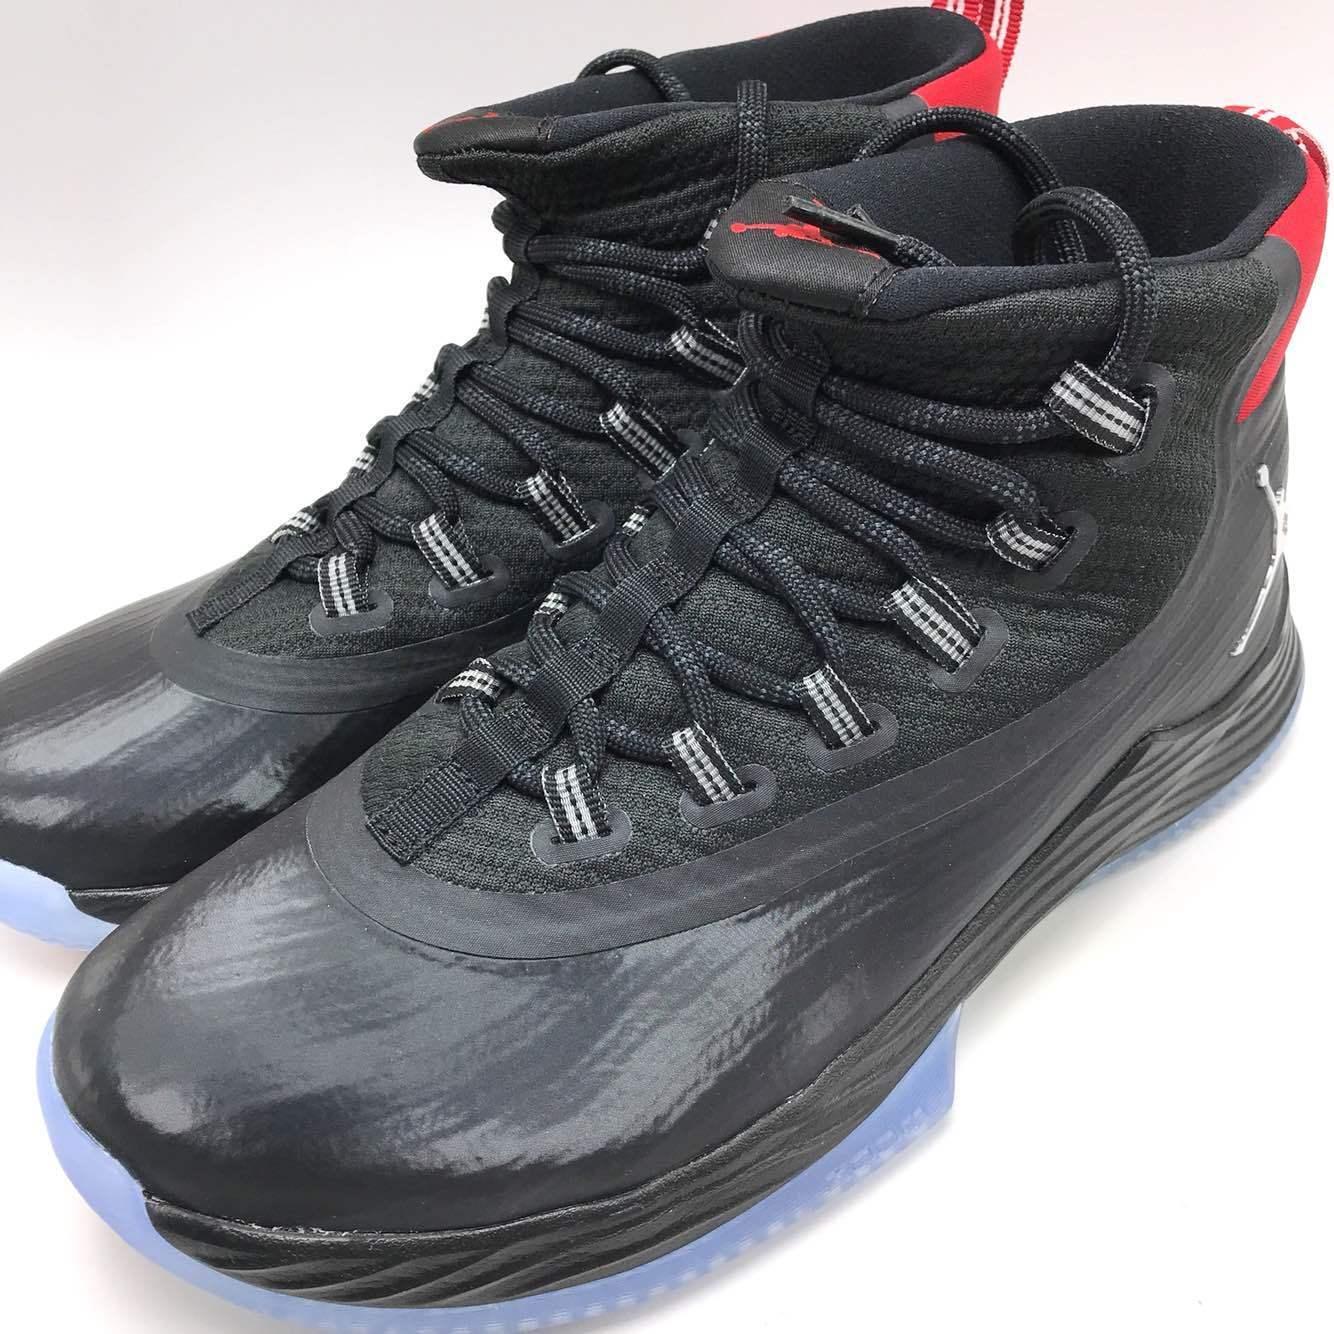 Nike Jordan Ultra Fly 2 Men Basketball Black/Metallic Silver-Gym Red 897998-003